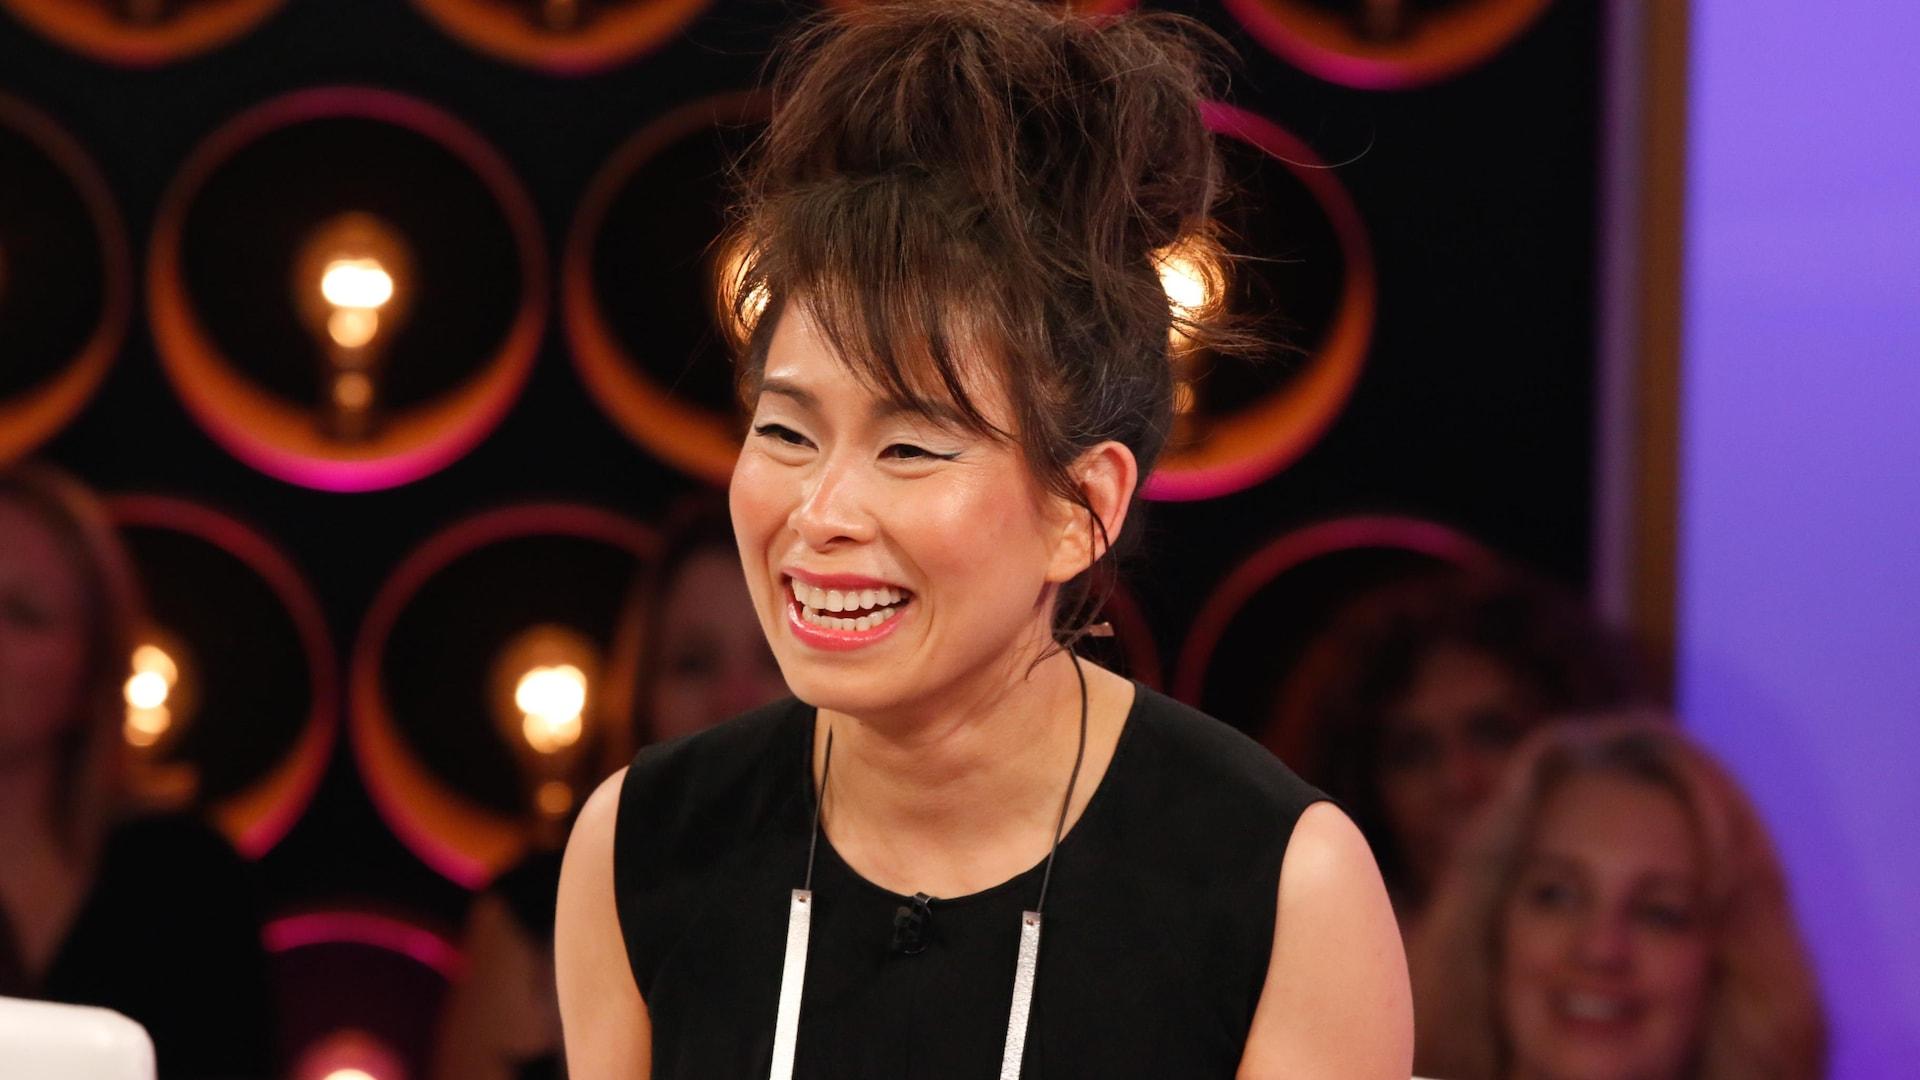 Habillée d'une robe noire, l'écrivaine d'origine vietnamienne montre son plus beau sourire.